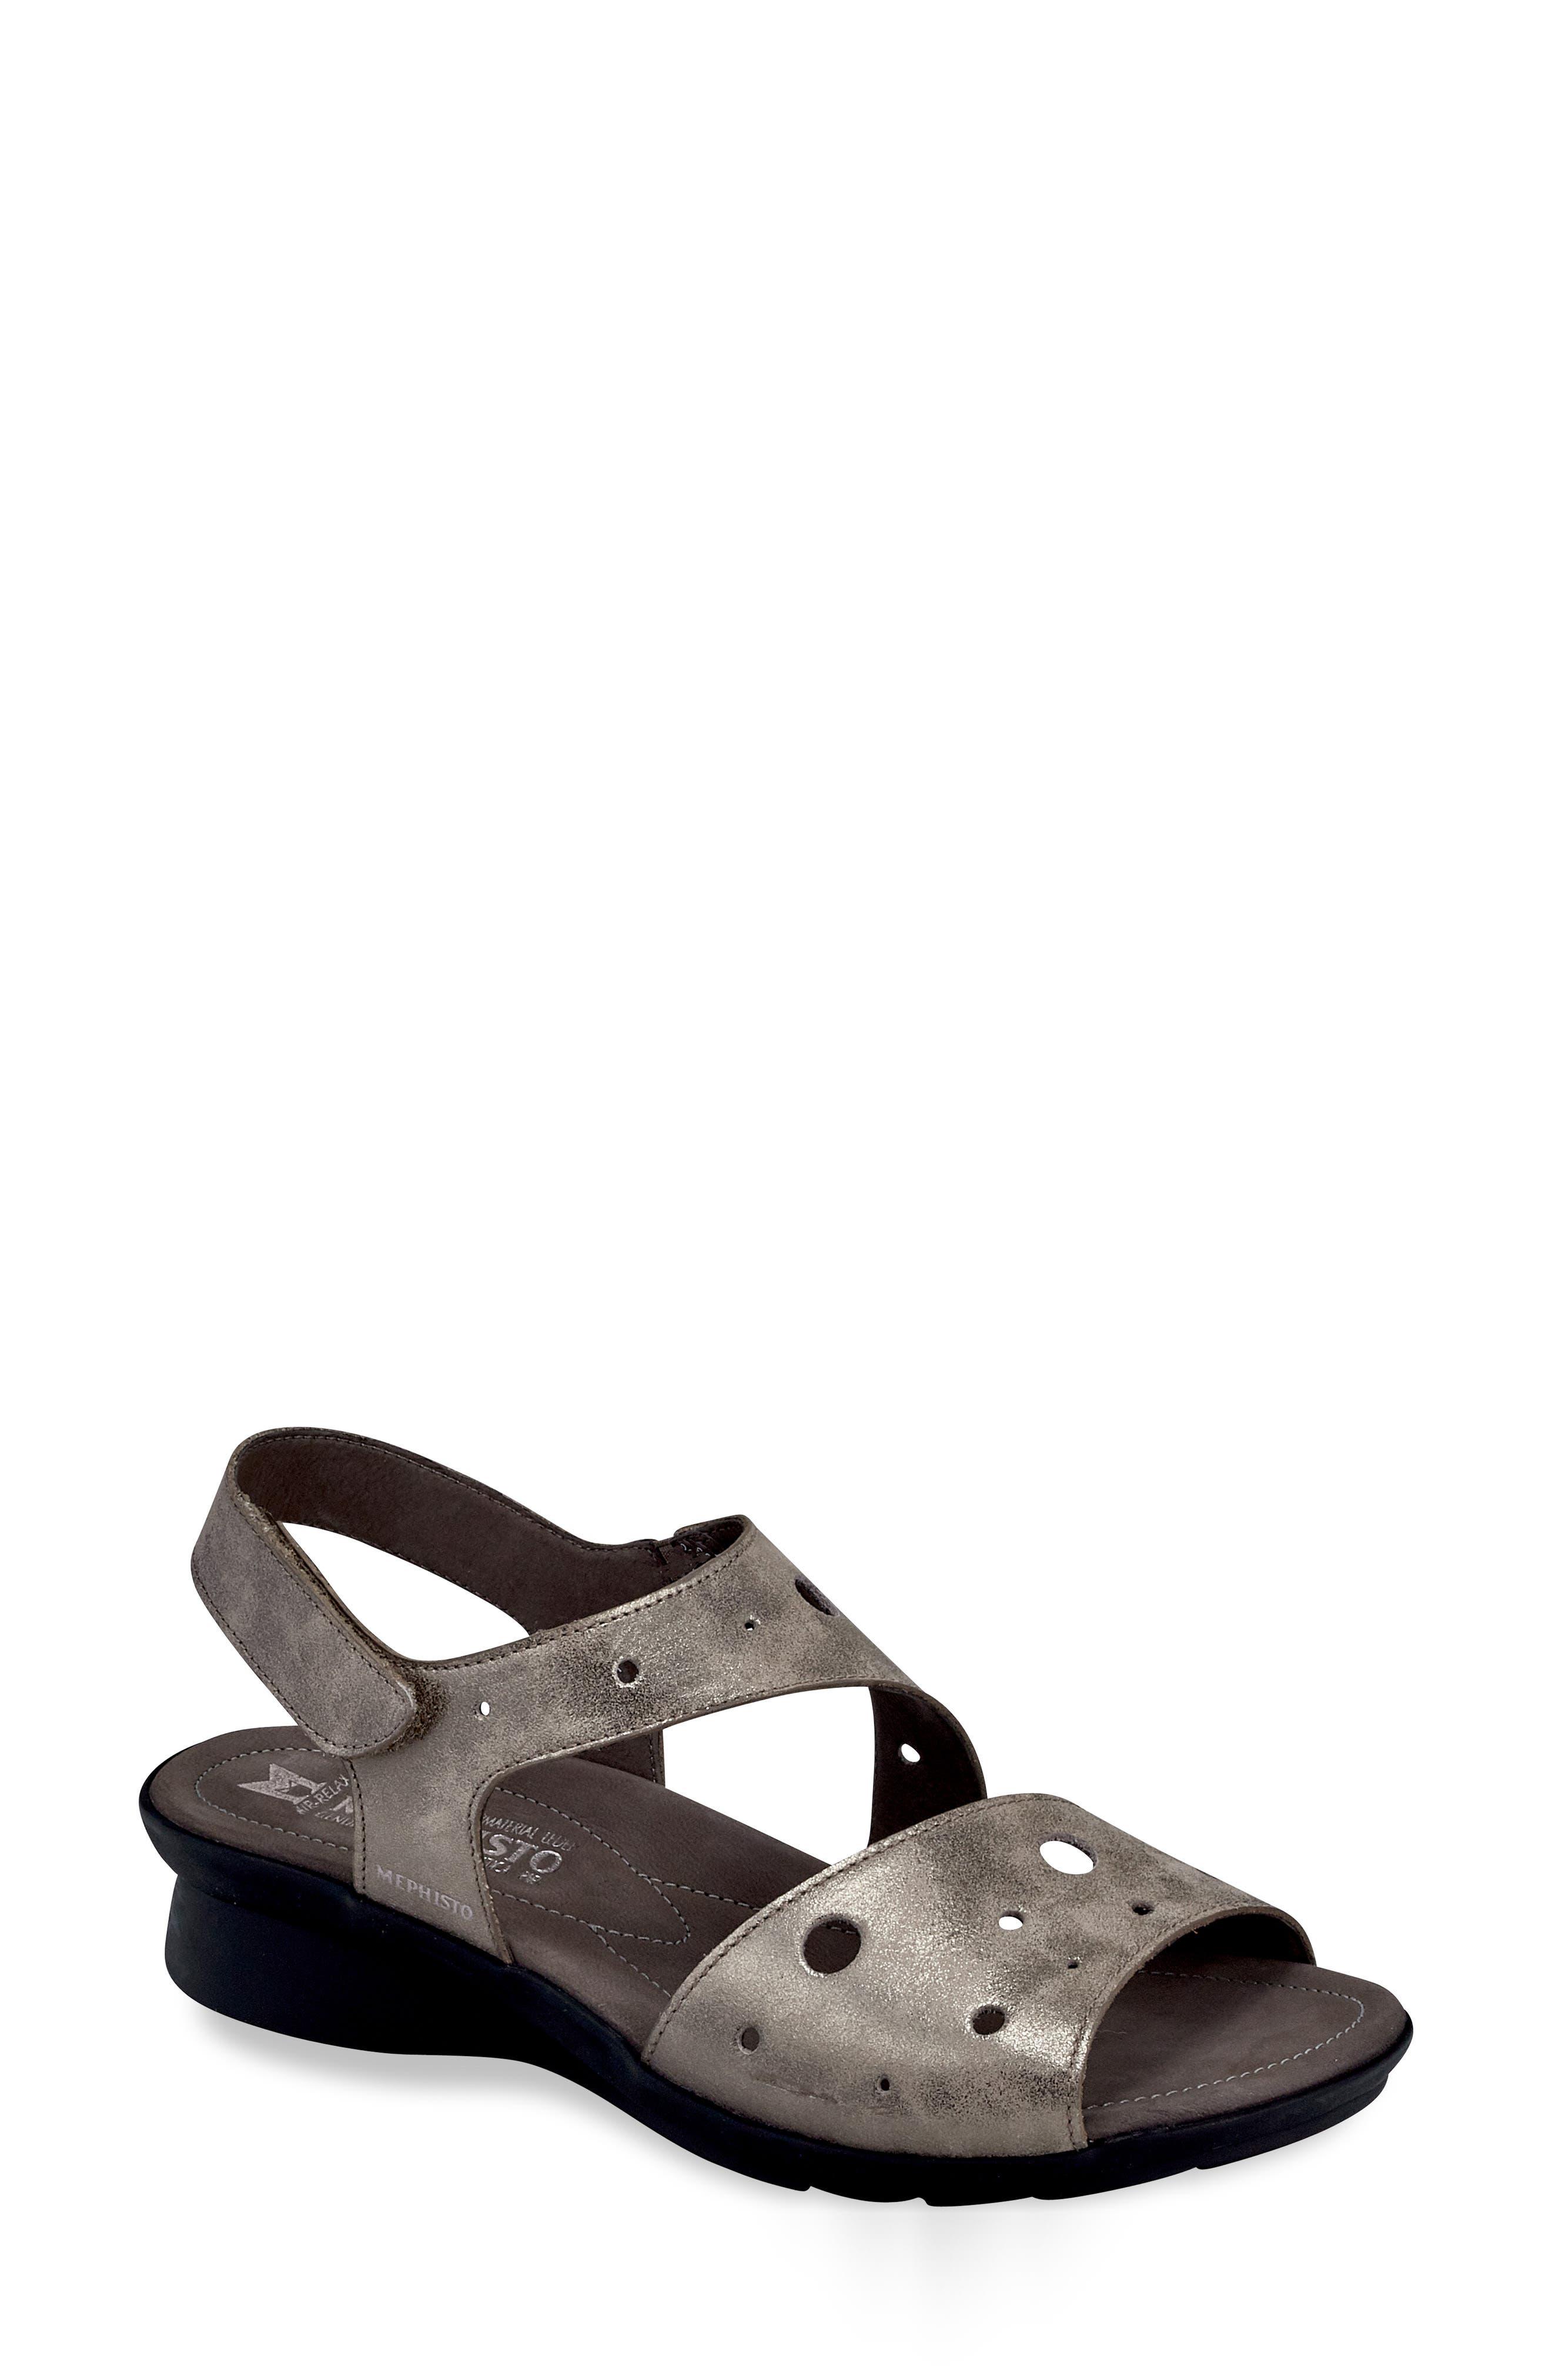 Phiby Wedge Sandal